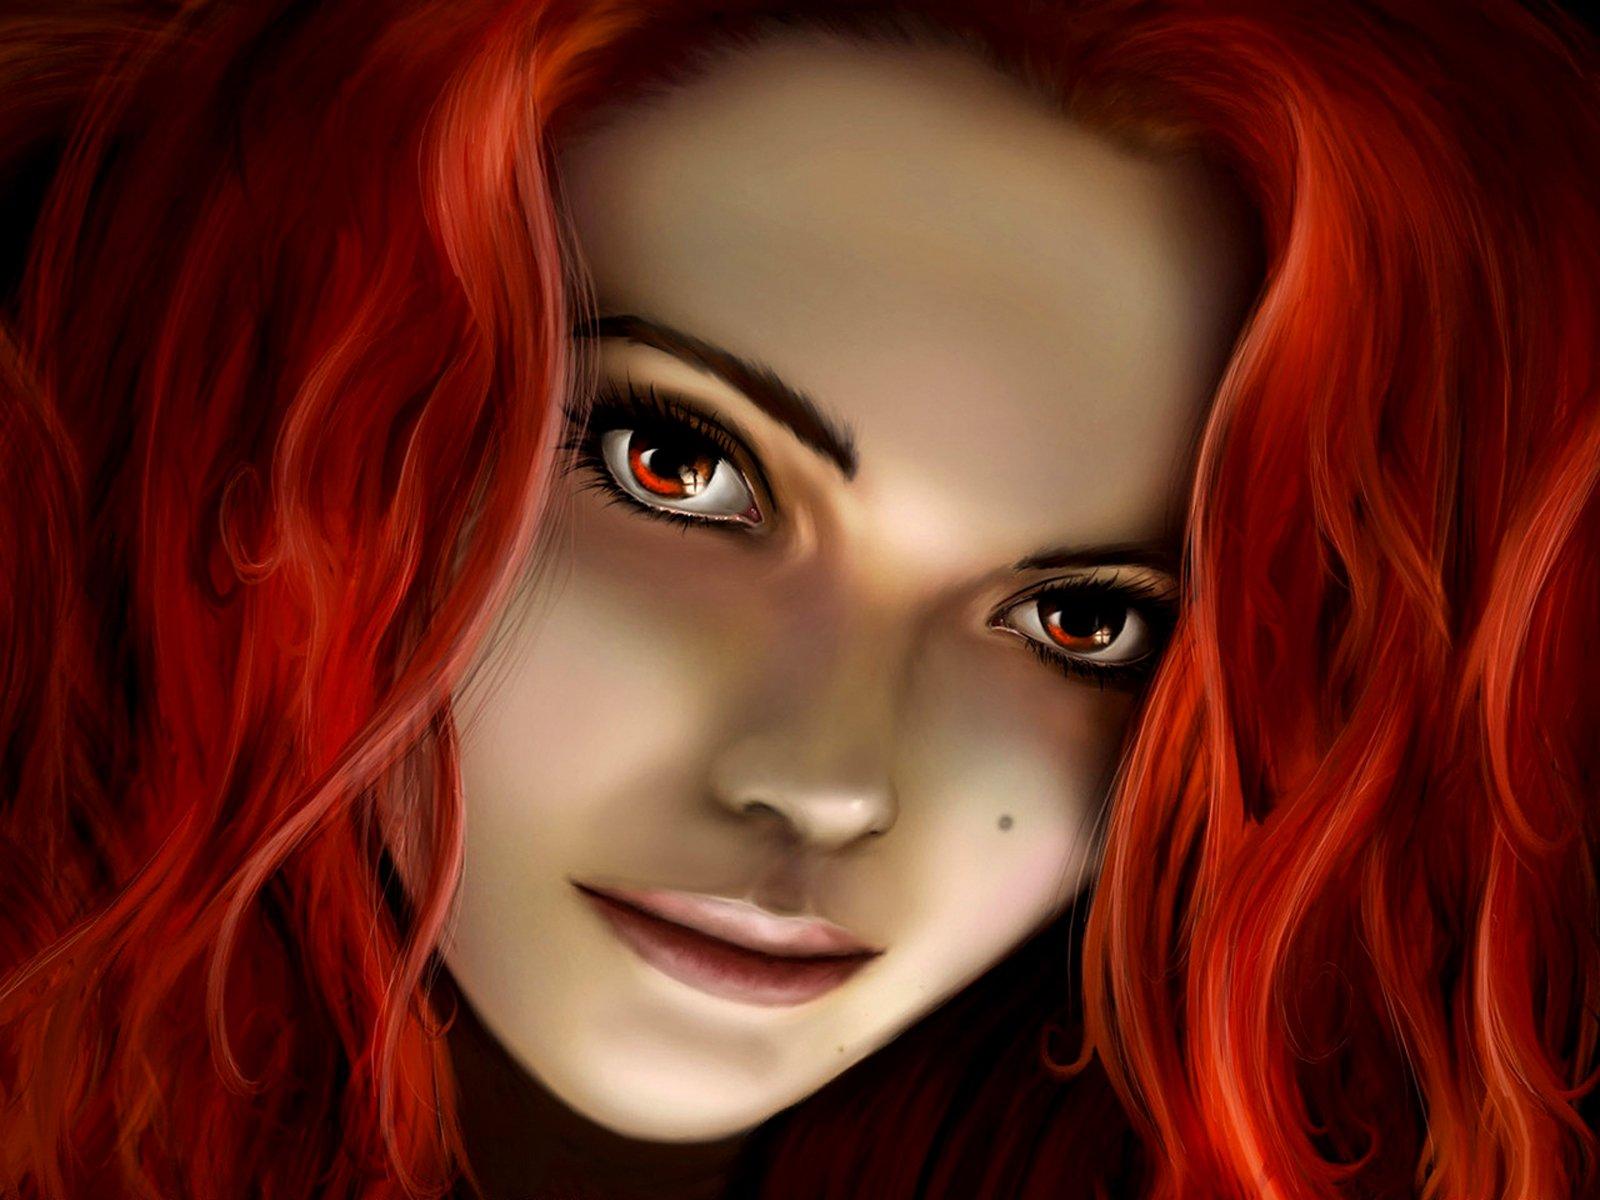 Fantasy - Kvinnor  Bakgrund